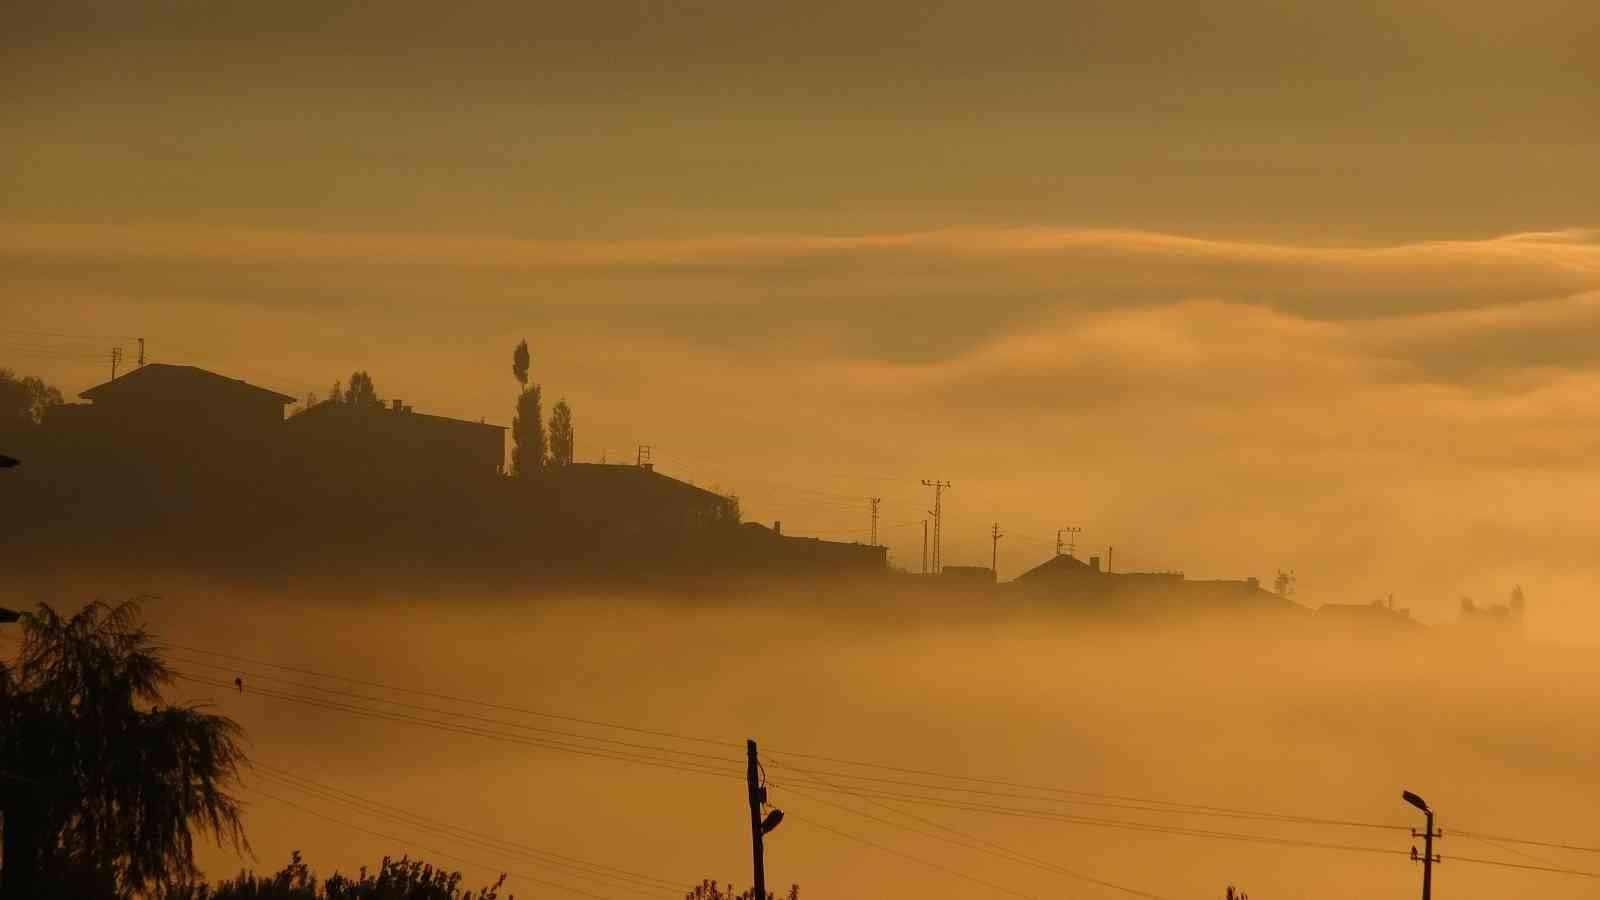 Yüksekova'da etkili olan sis kartpostallık görüntüler oluşturdu #hakkari